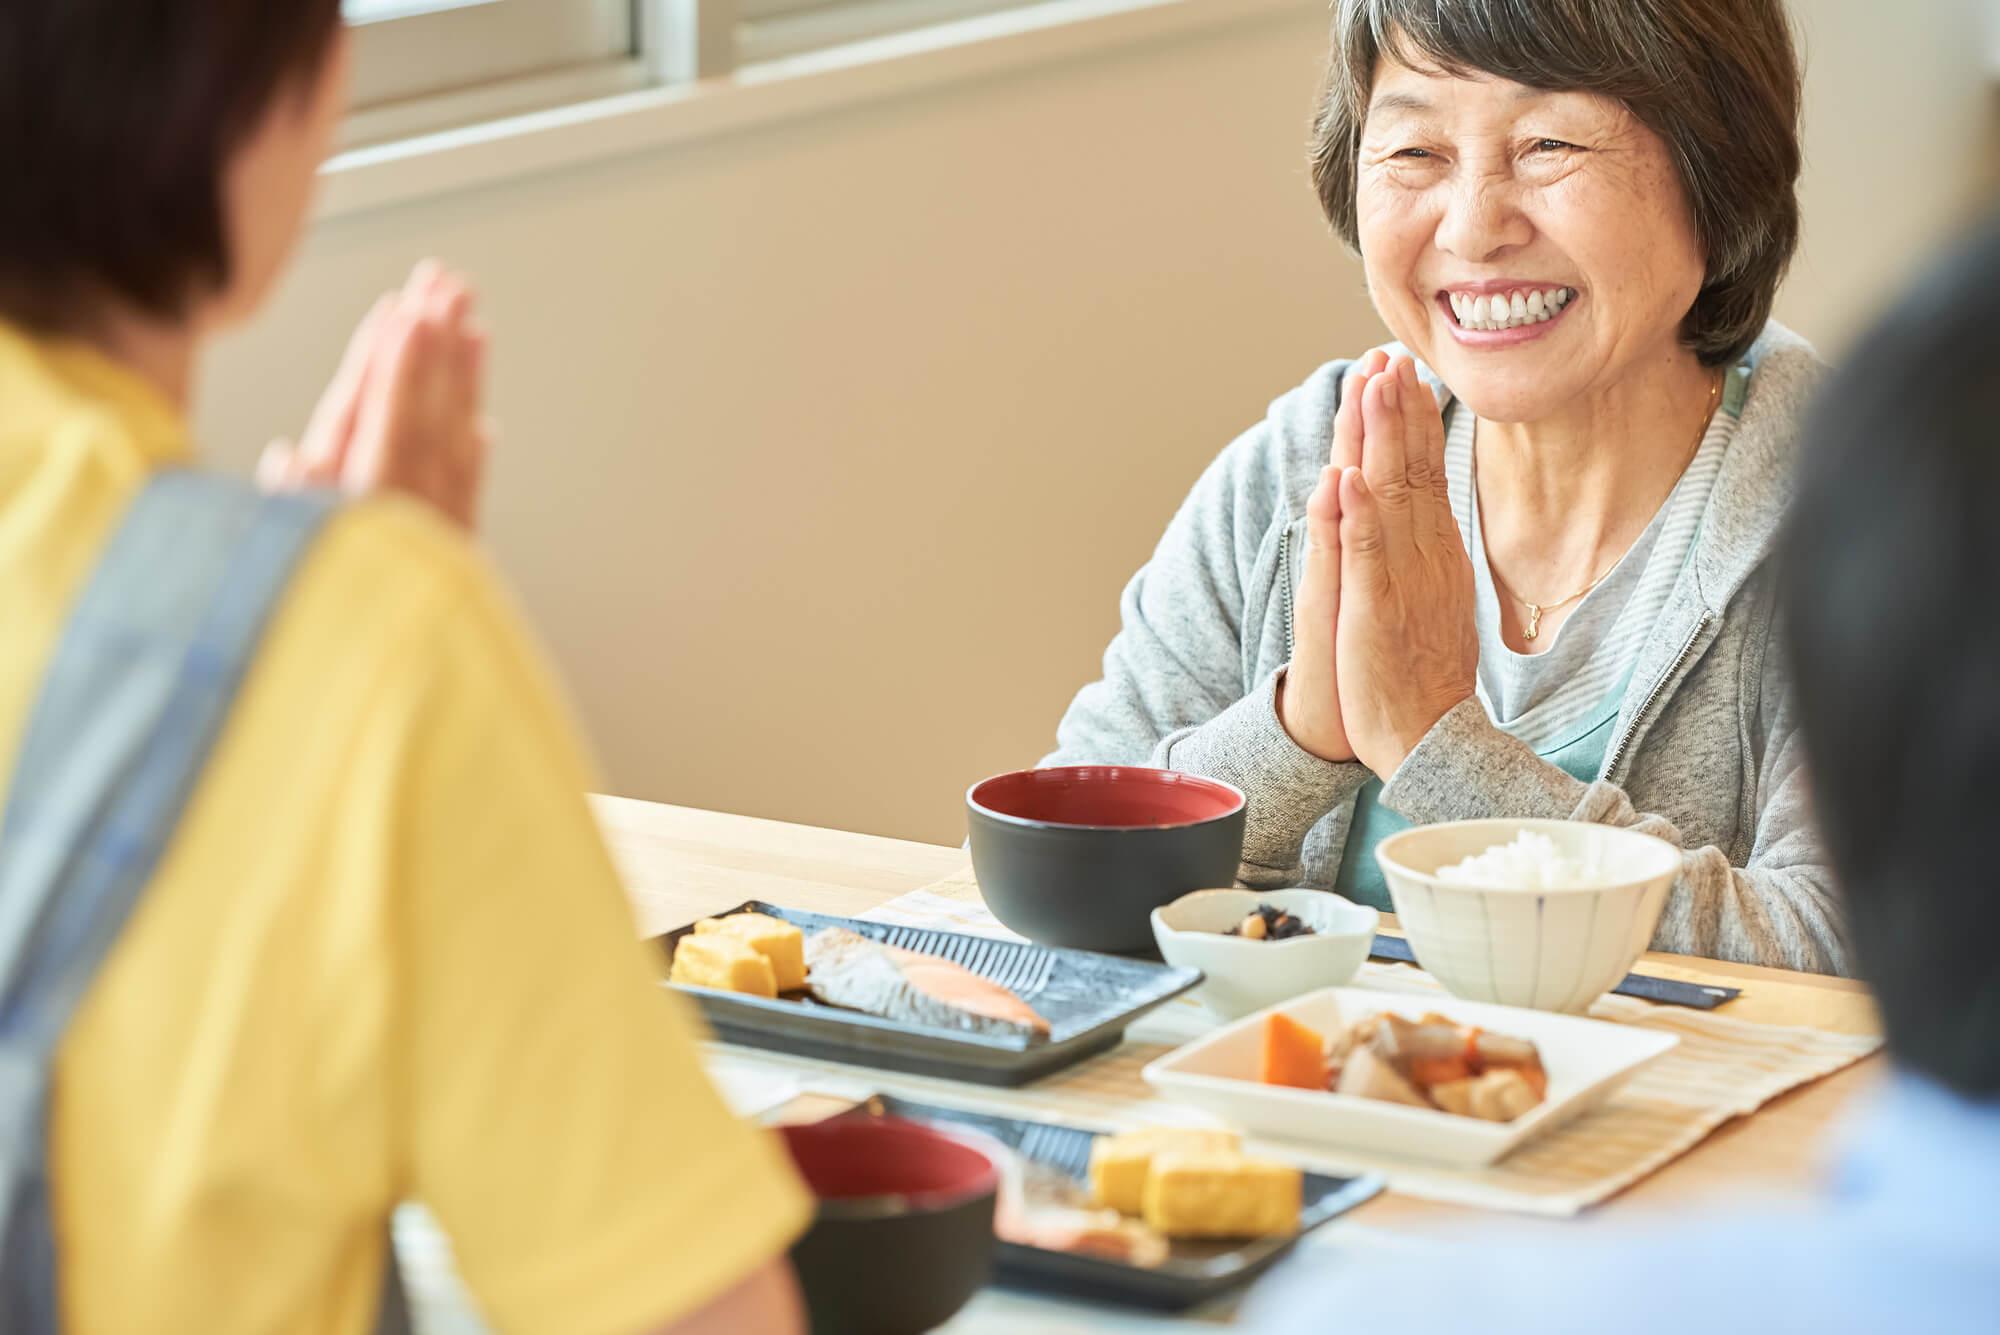 離れた親に安心の食事を届けたい!高齢者向けに便利な宅配食事3選